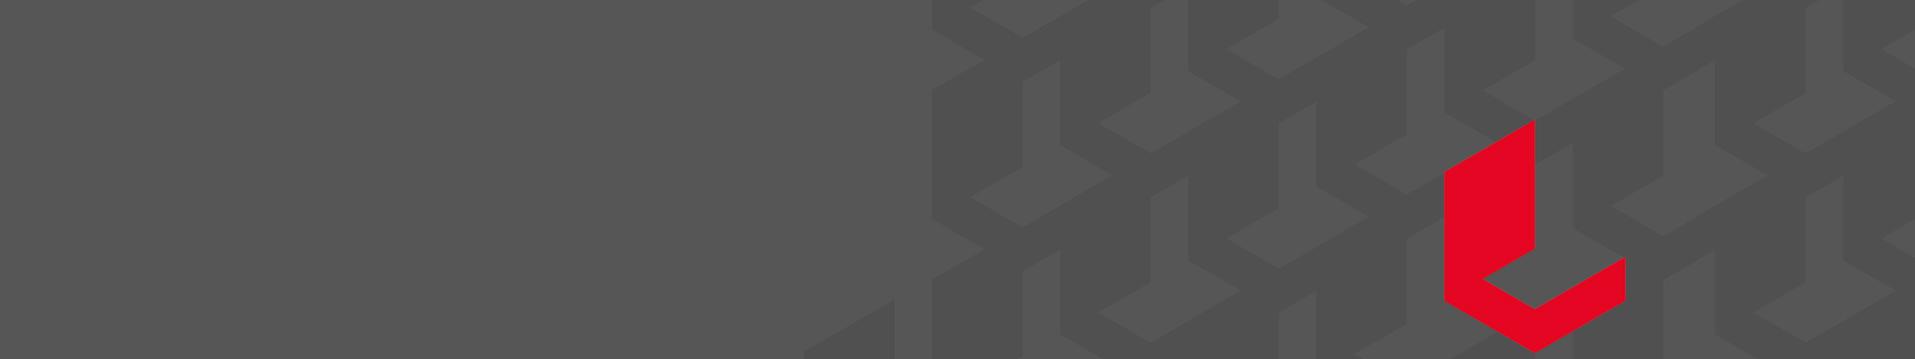 2017-03-29_rozeznanie-rynku-formularz-oferty-adis